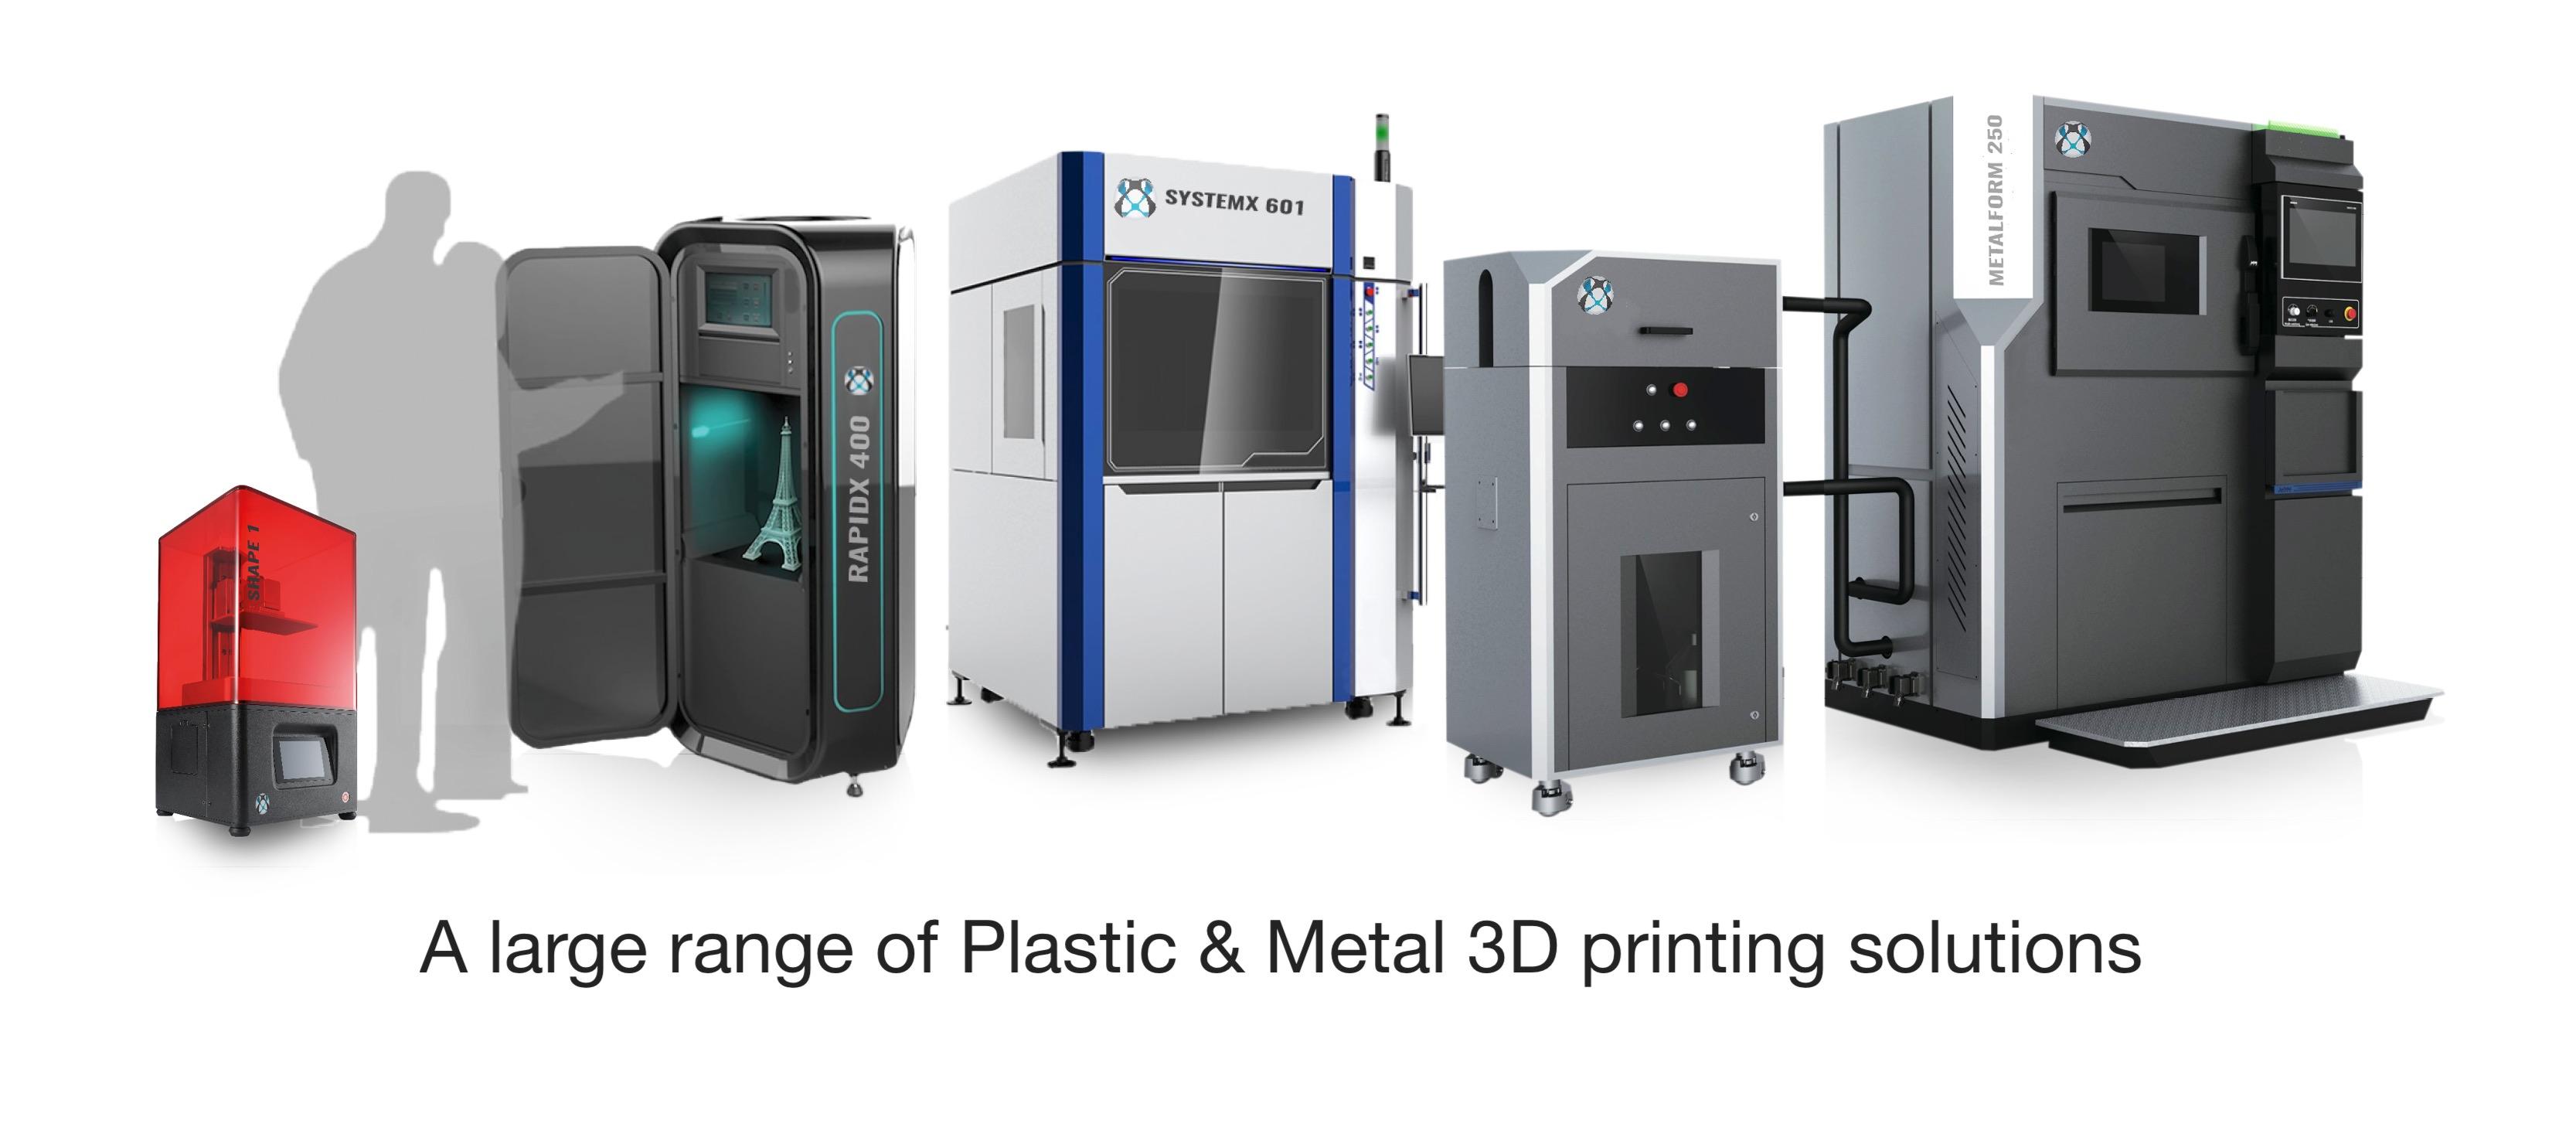 3D printers Plastic & Metal